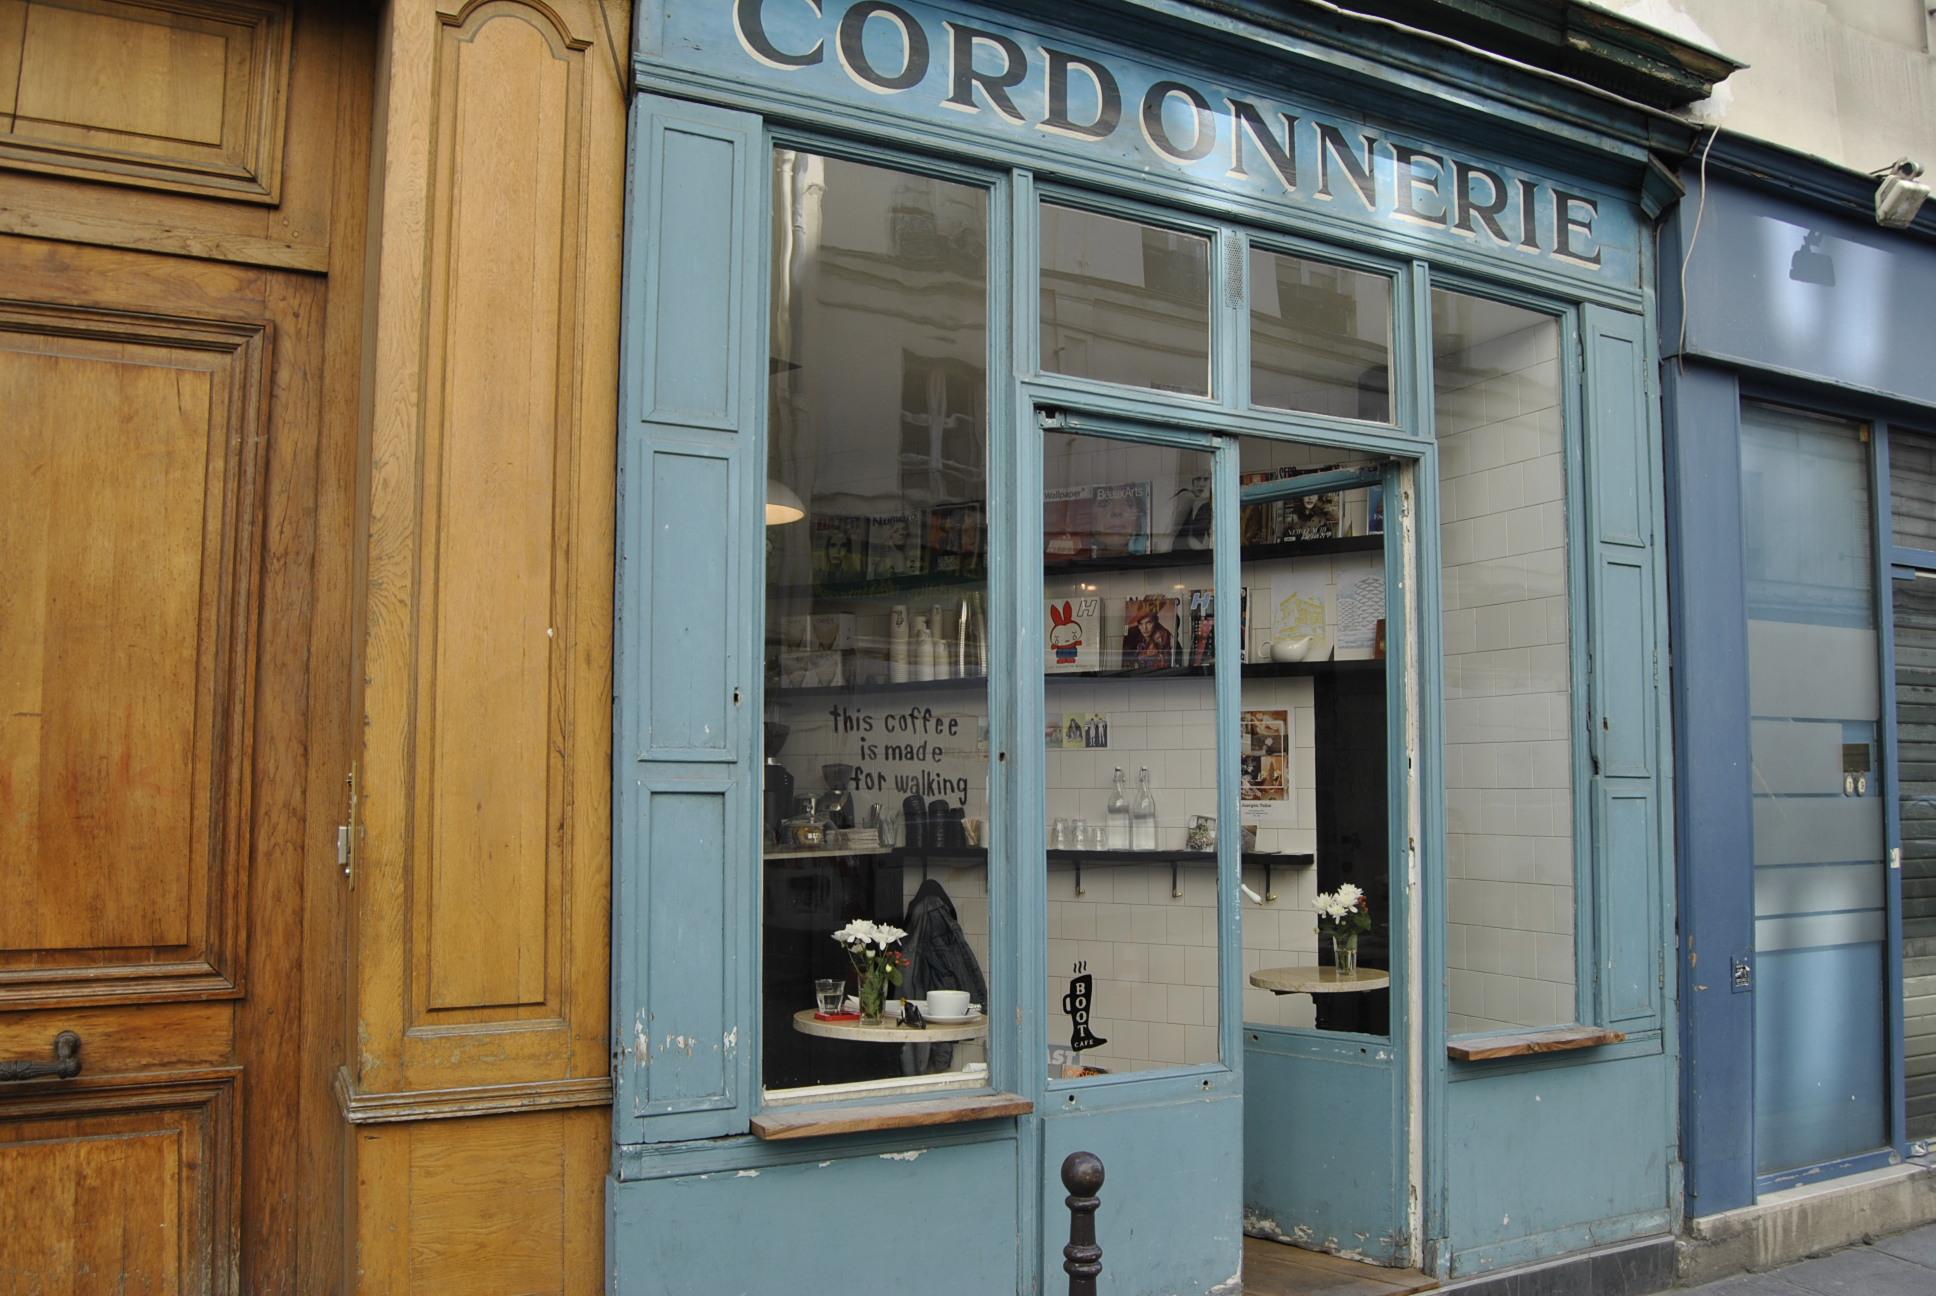 Cordonnerie paris boots blue door in the marais